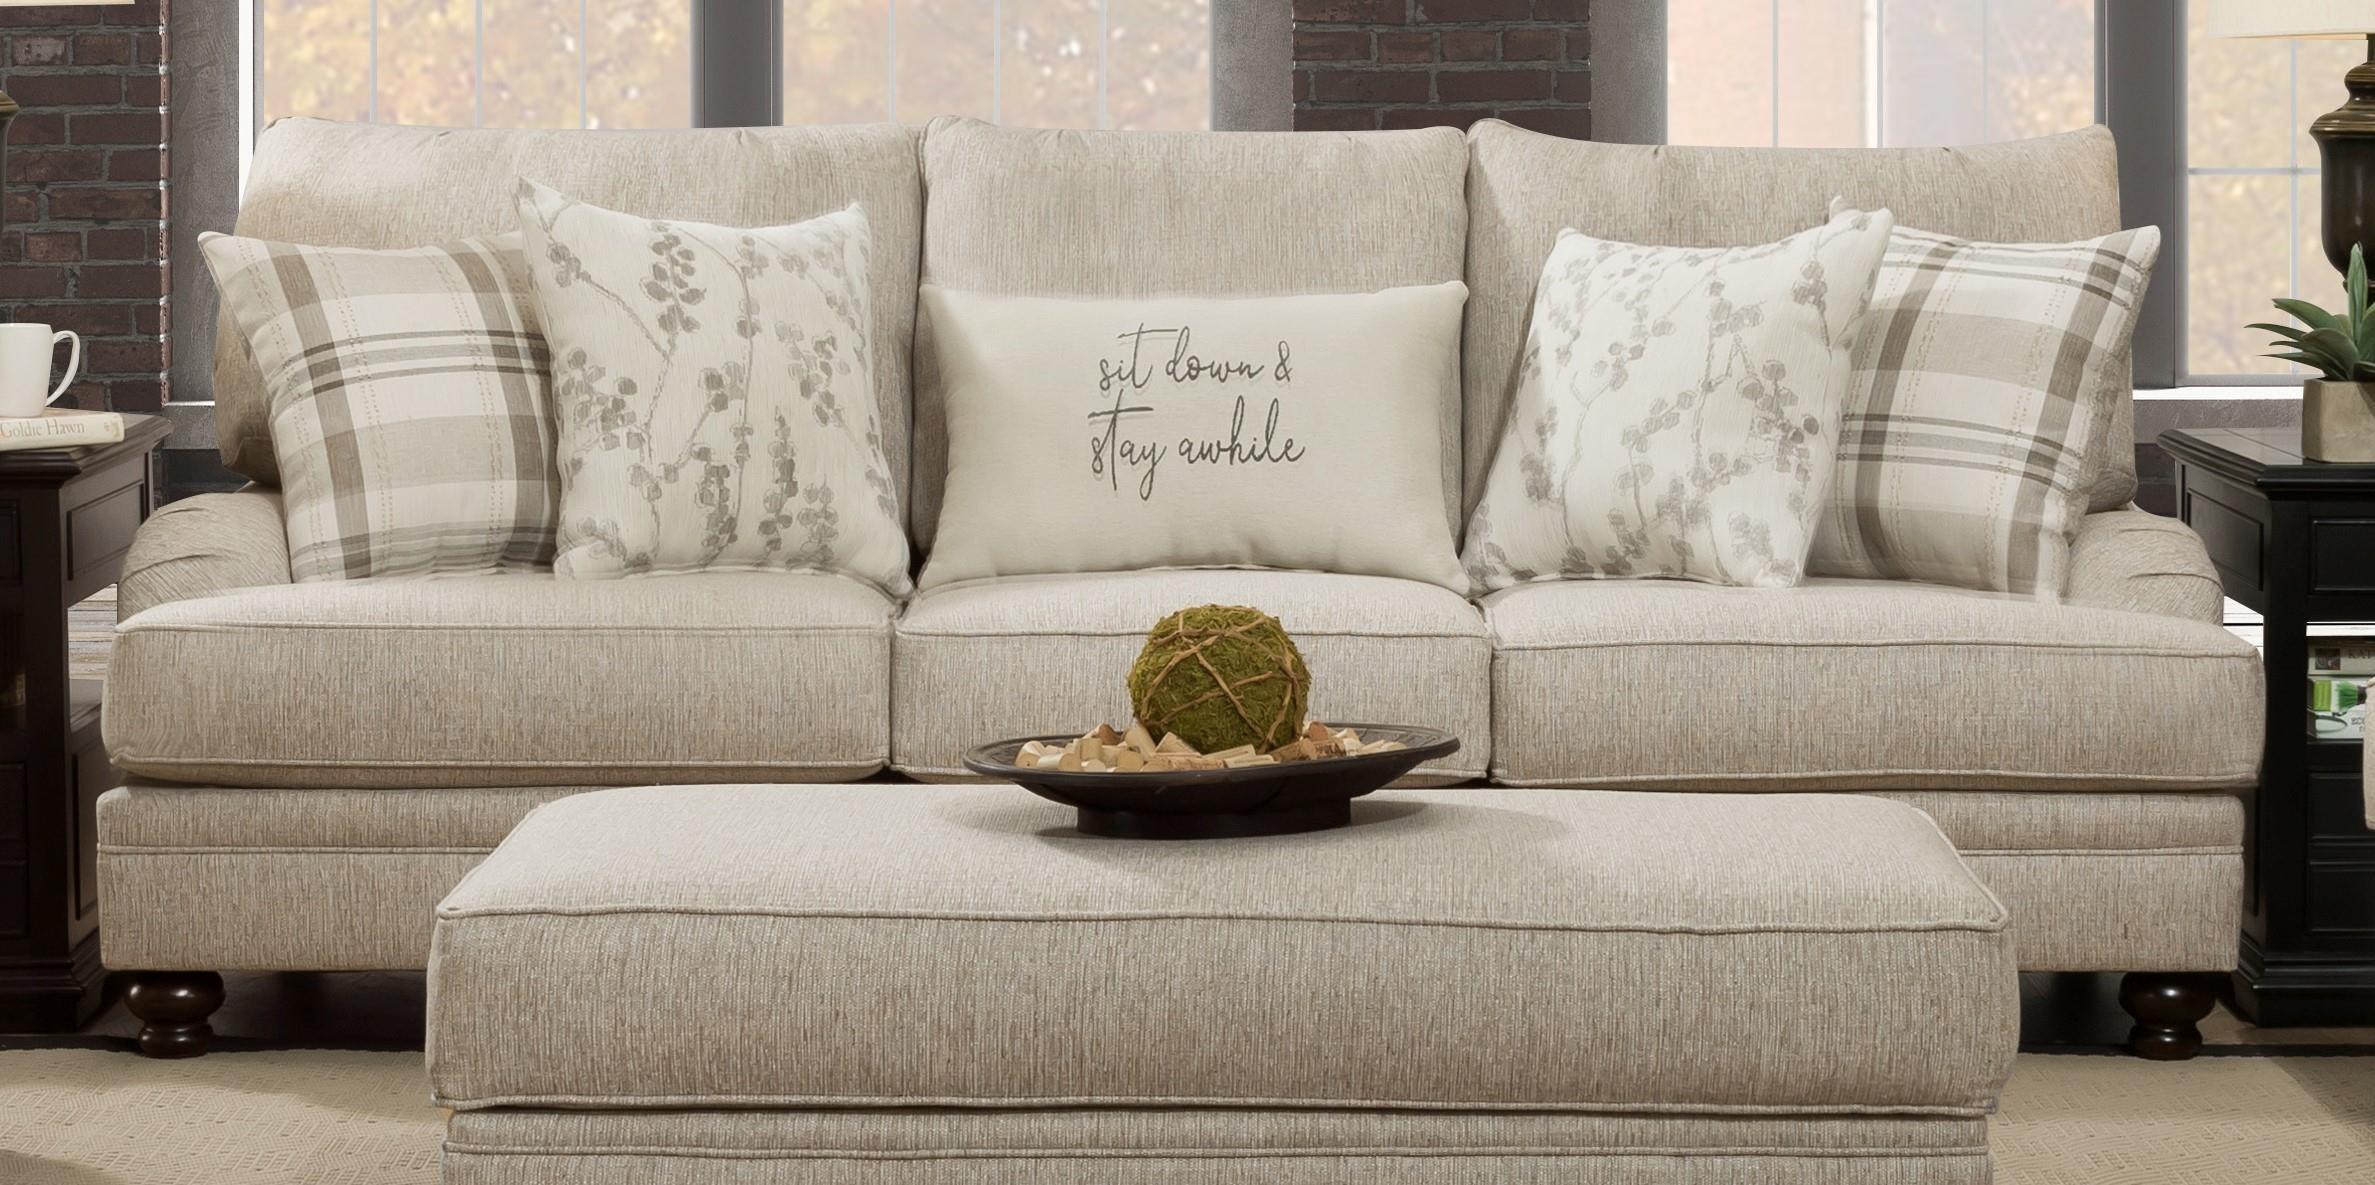 193 Celadon Rafia Sofa - Celadon Rafia by Corinthian at Furniture Fair - North Carolina